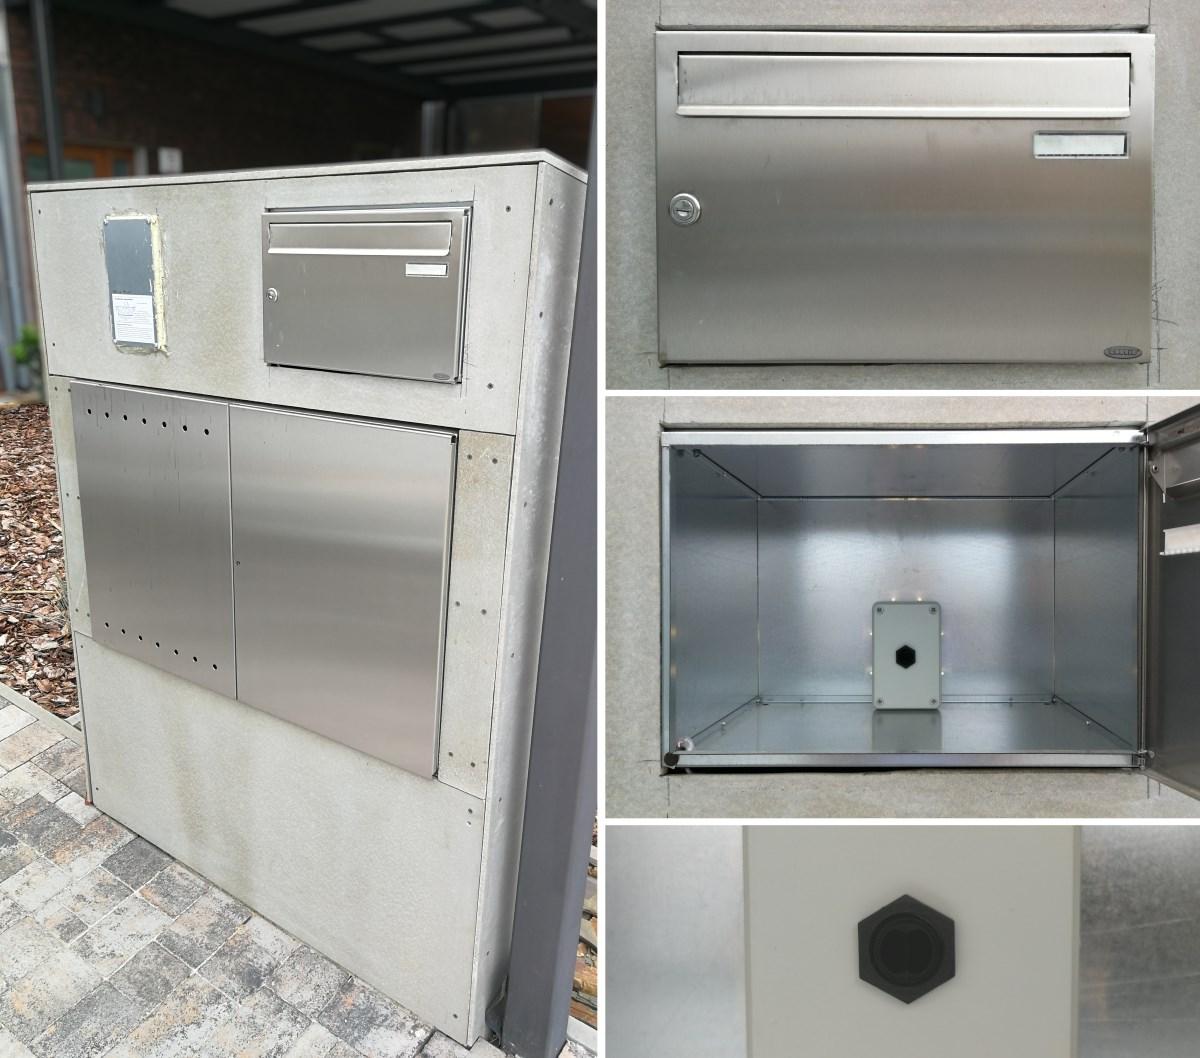 Work in progress - mailbox installation